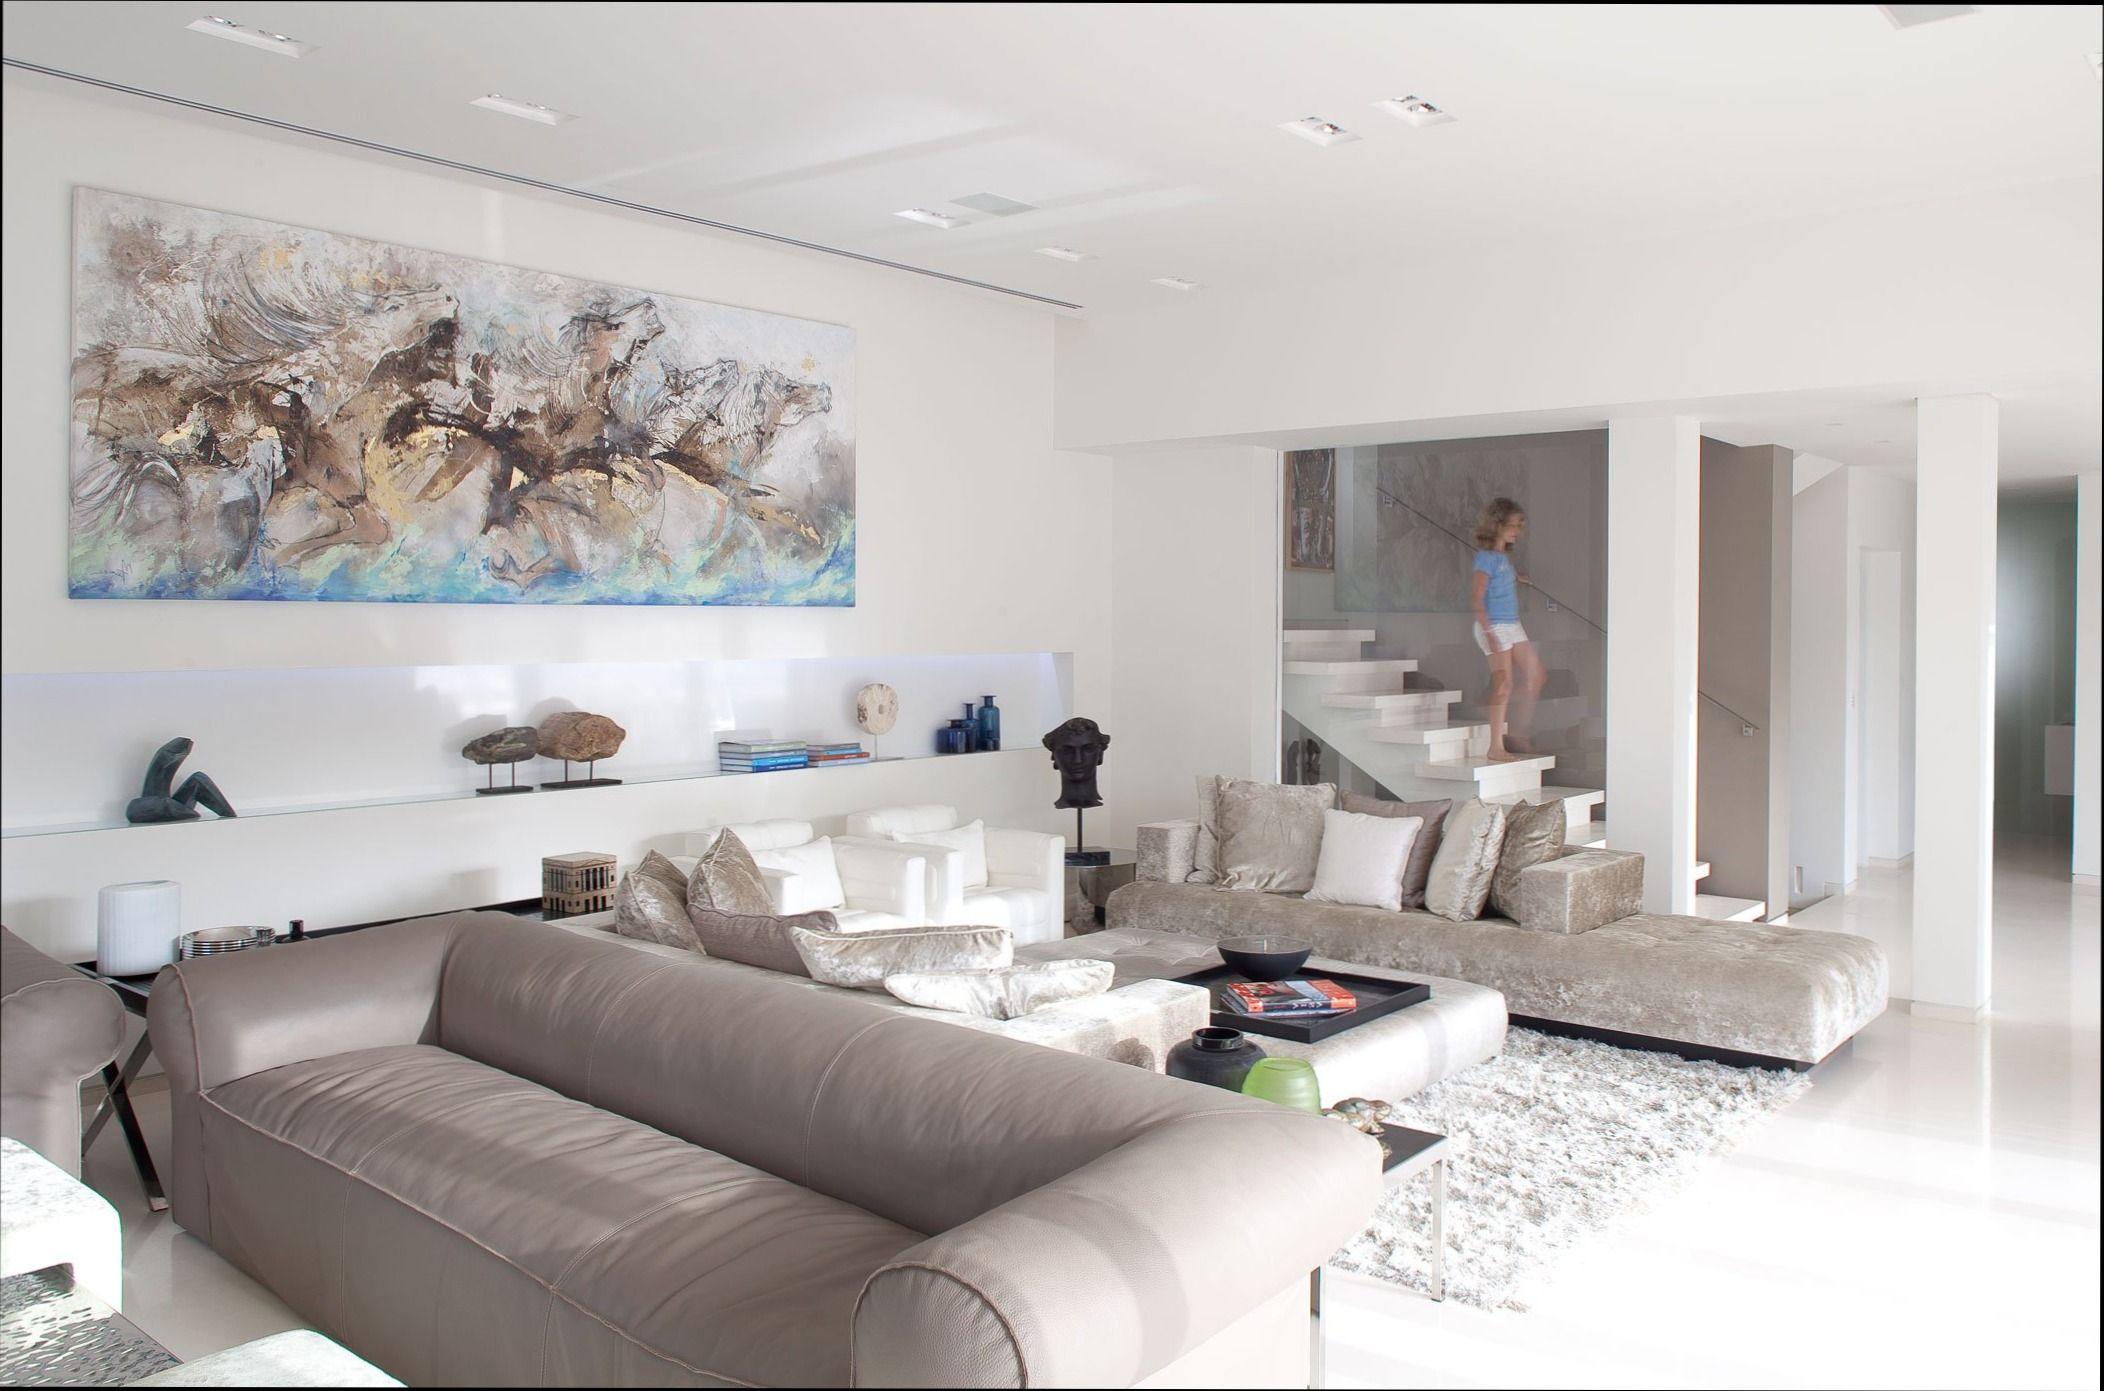 Uberlegen Wohnzimmer In Weiss Beige